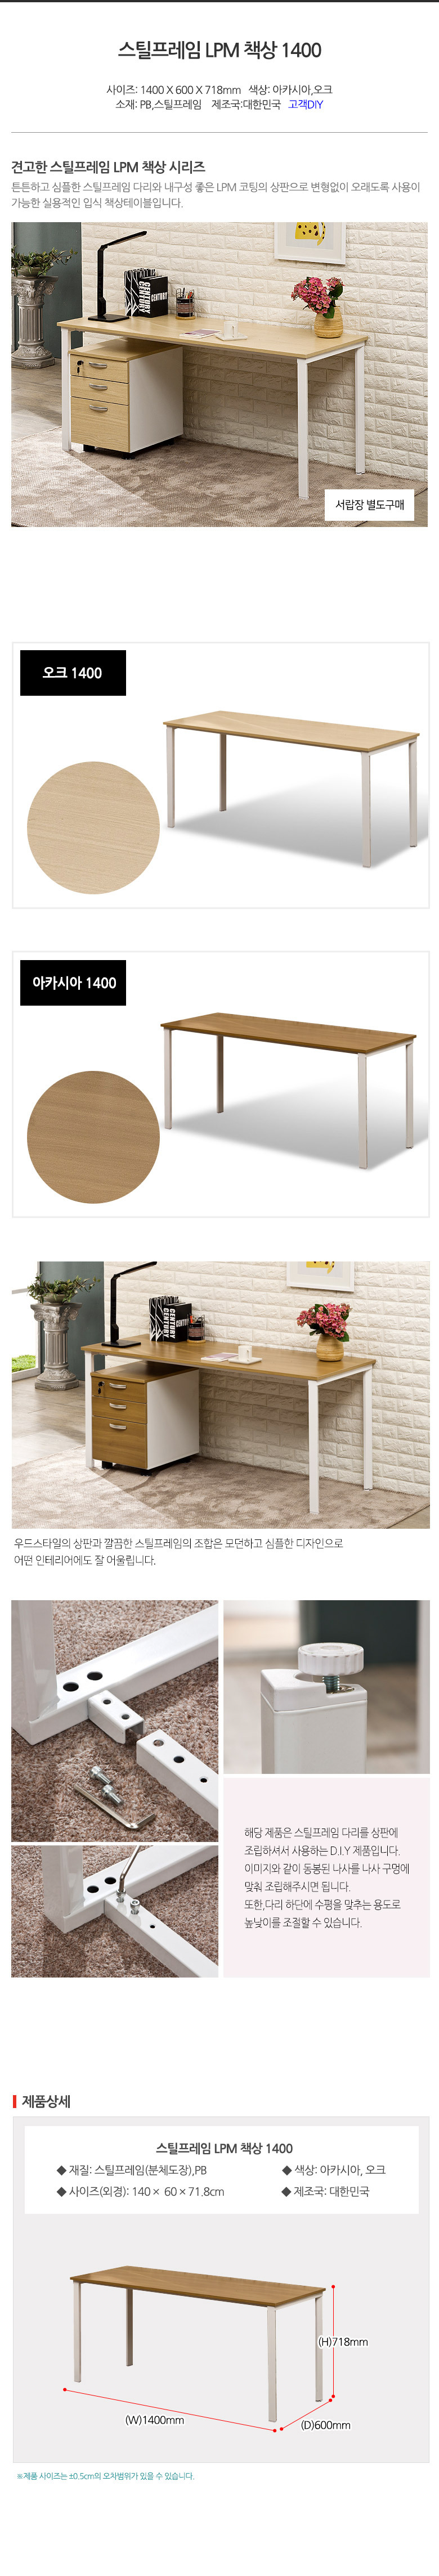 스틸프레임 LPM 책상 1400 - 포메리트, 189,000원, 책상/의자, 일반 책상